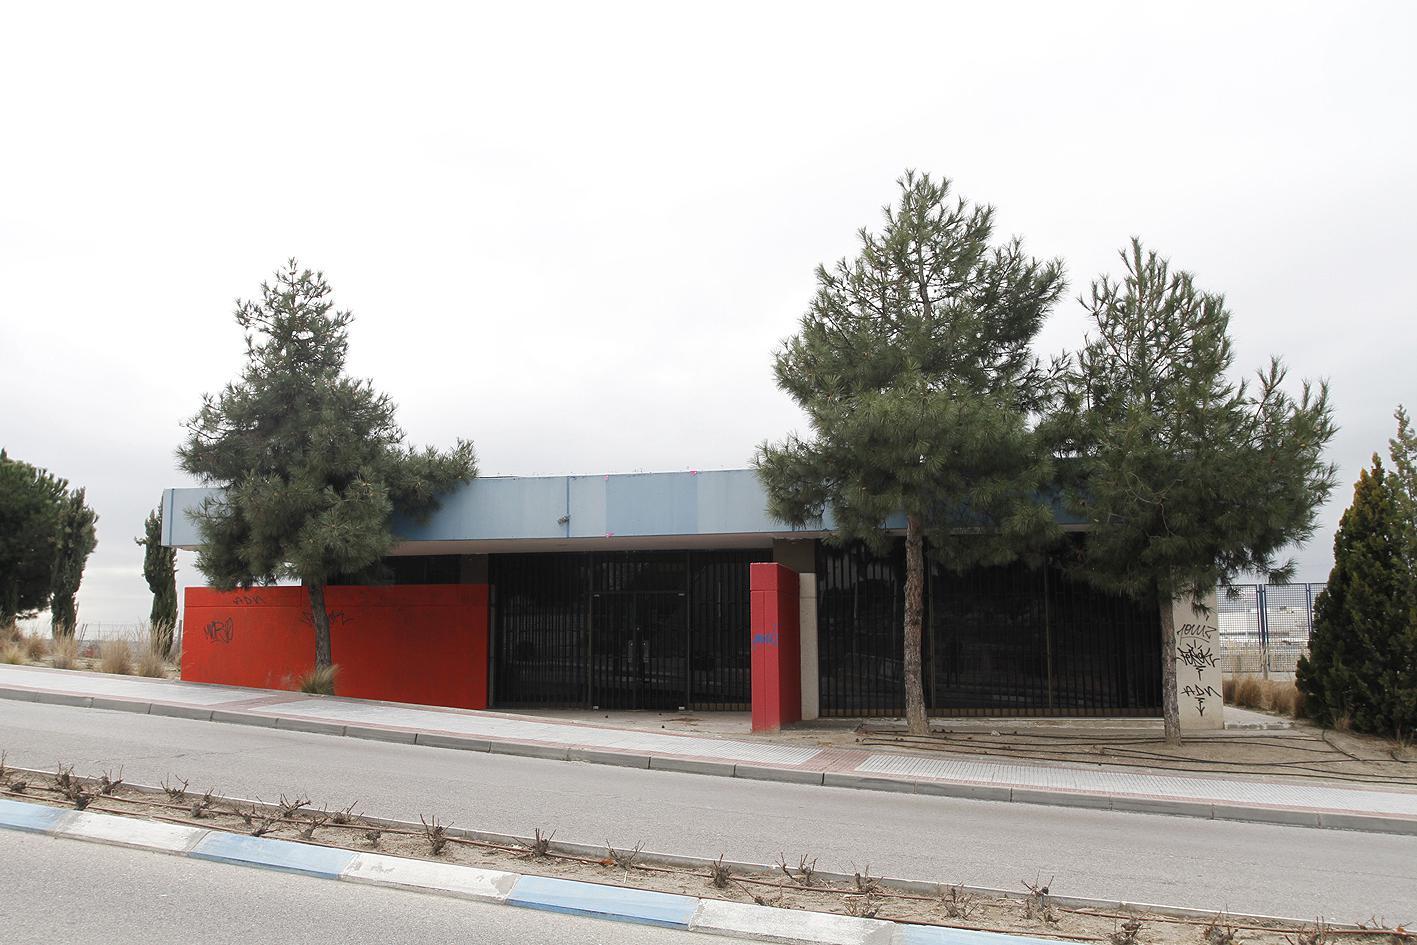 Locales de ensayo y estudio de grabación frente al Centro de Juventud